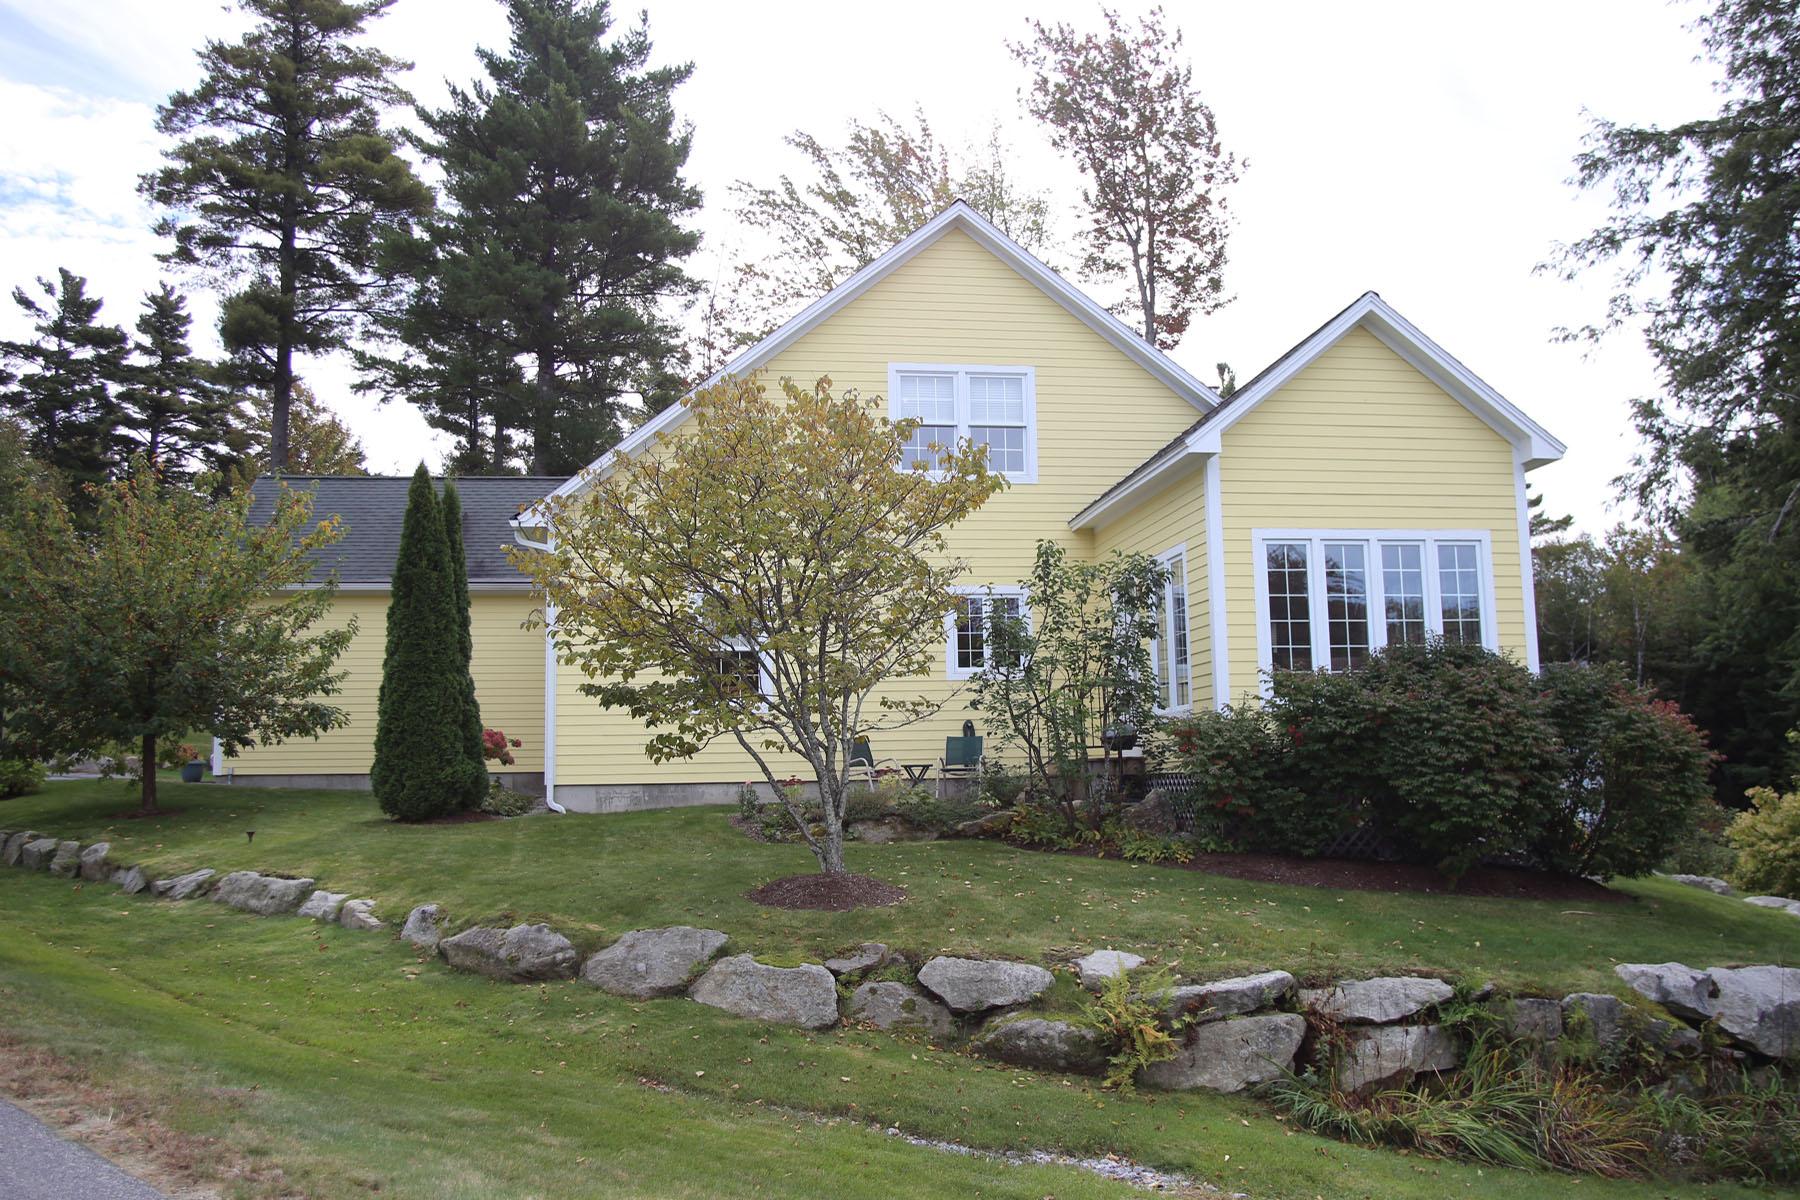 Maison unifamiliale pour l Vente à 14 Conifer, New London 14 Conifer Ln New London, New Hampshire 03257 États-Unis